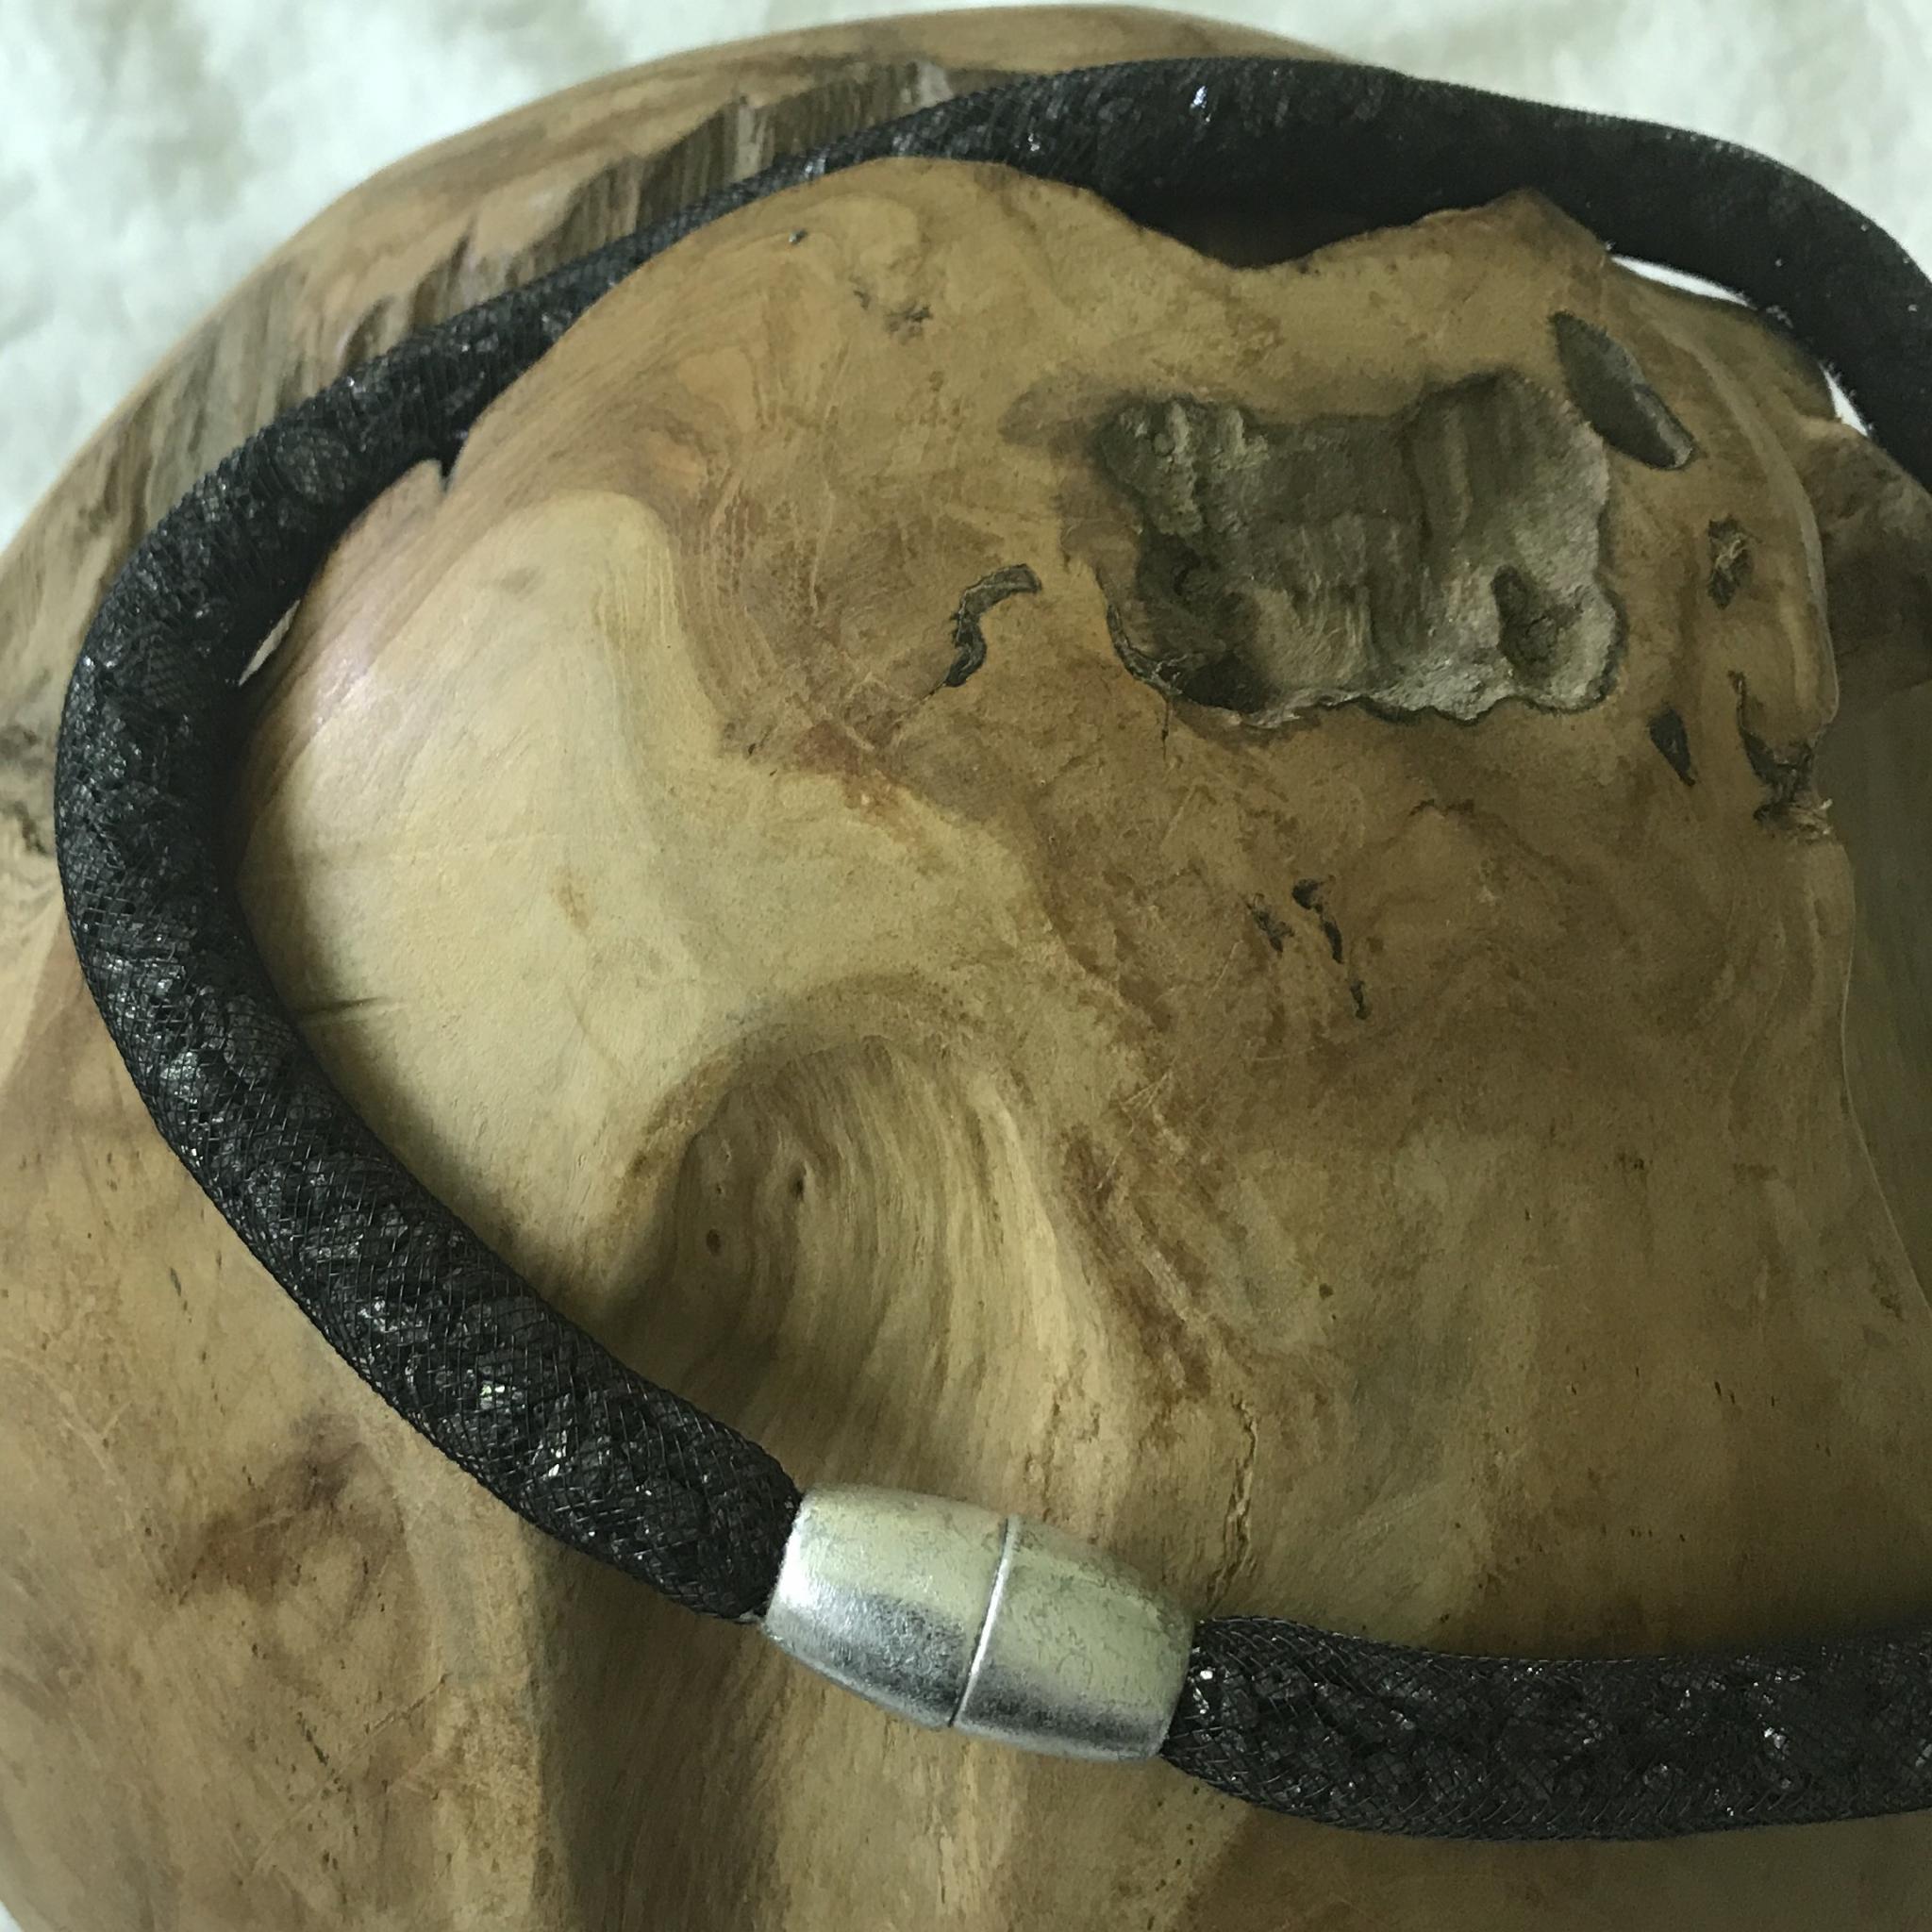 Meshkette schwarz mit Schieferbruch und großer Magnetschließe in Schlagmetall silber